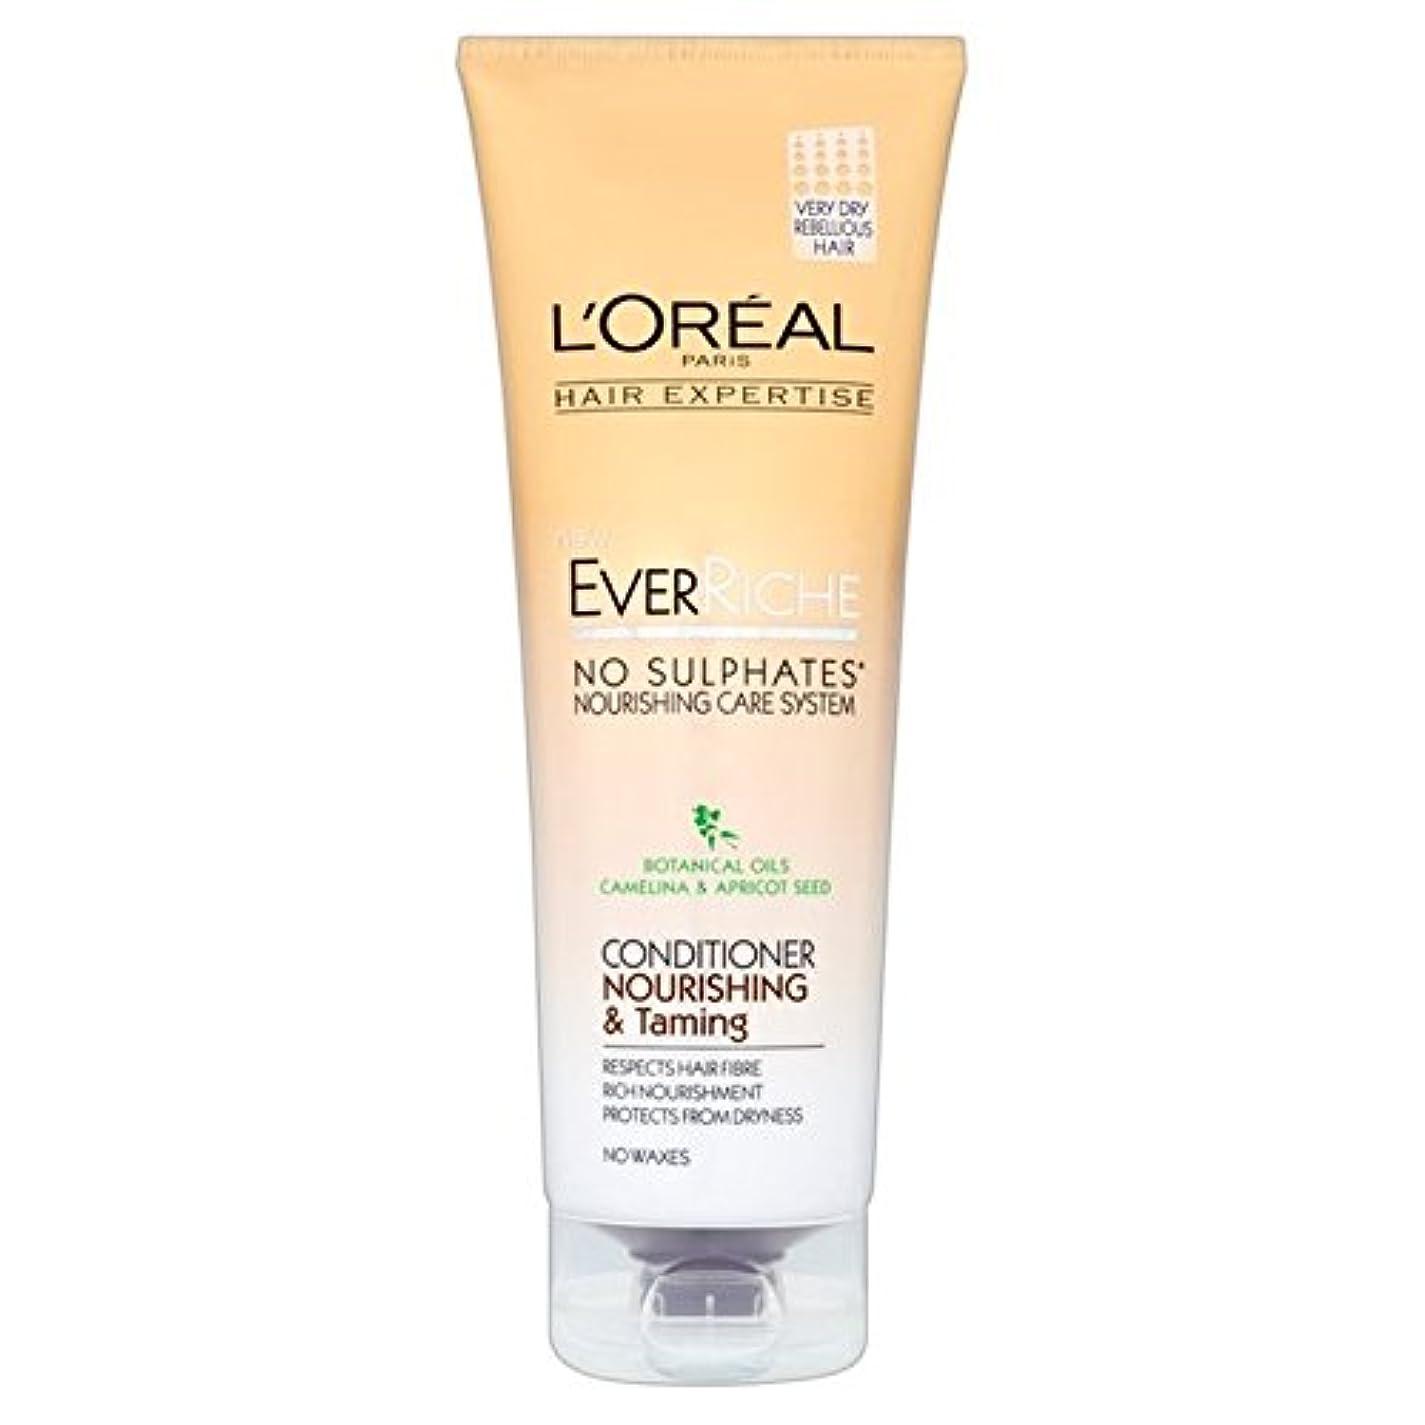 減少勇者骨髄ロレアルの髪の専門知識、これまでリッシュコンディショナーヌール&調教250ミリリットル x2 - L'Oreal Hair Expertise Ever Riche Conditioner Nour & Taming 250ml...